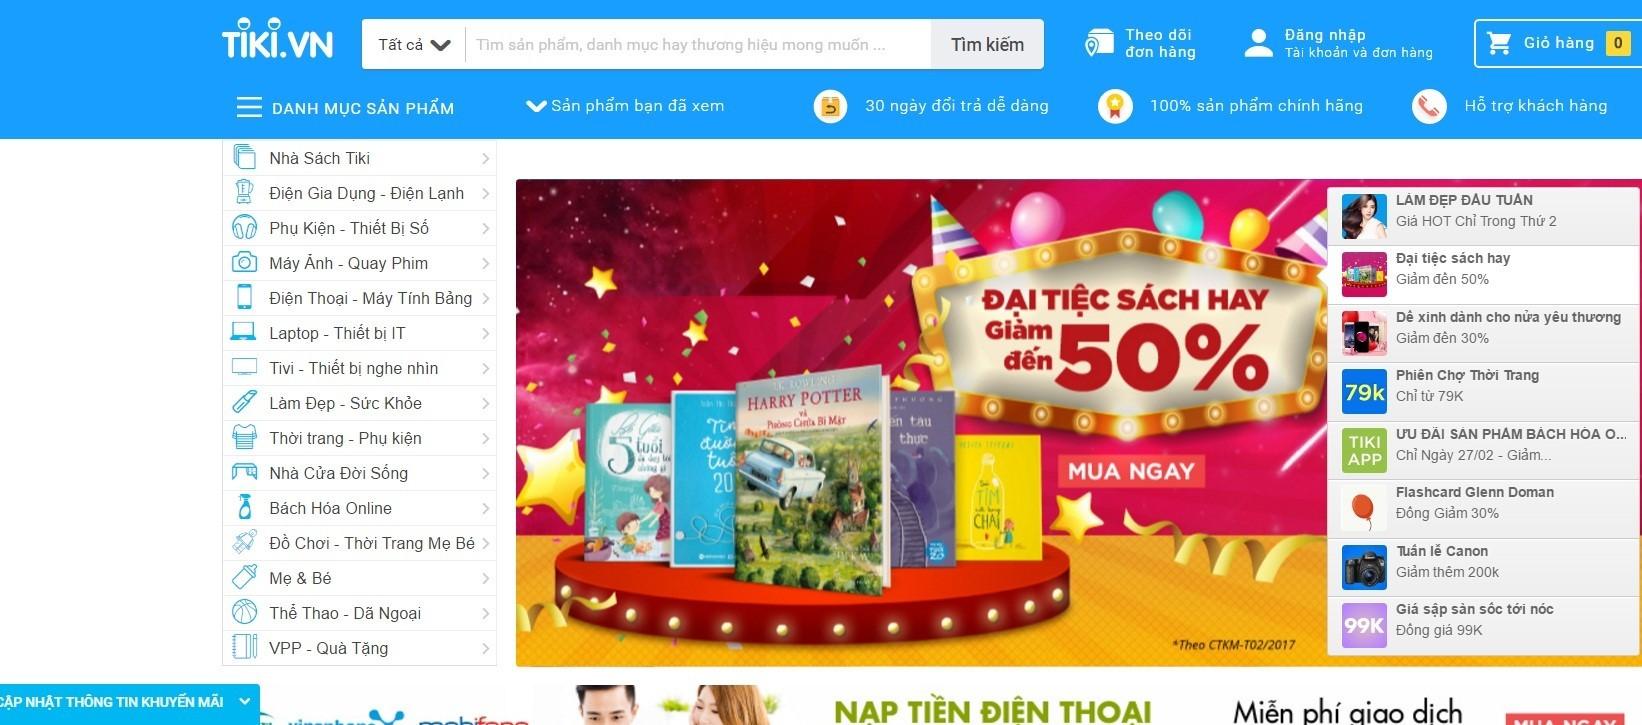 越南網購平台龍頭「Tiki」的新策略,是越南電商的進化史